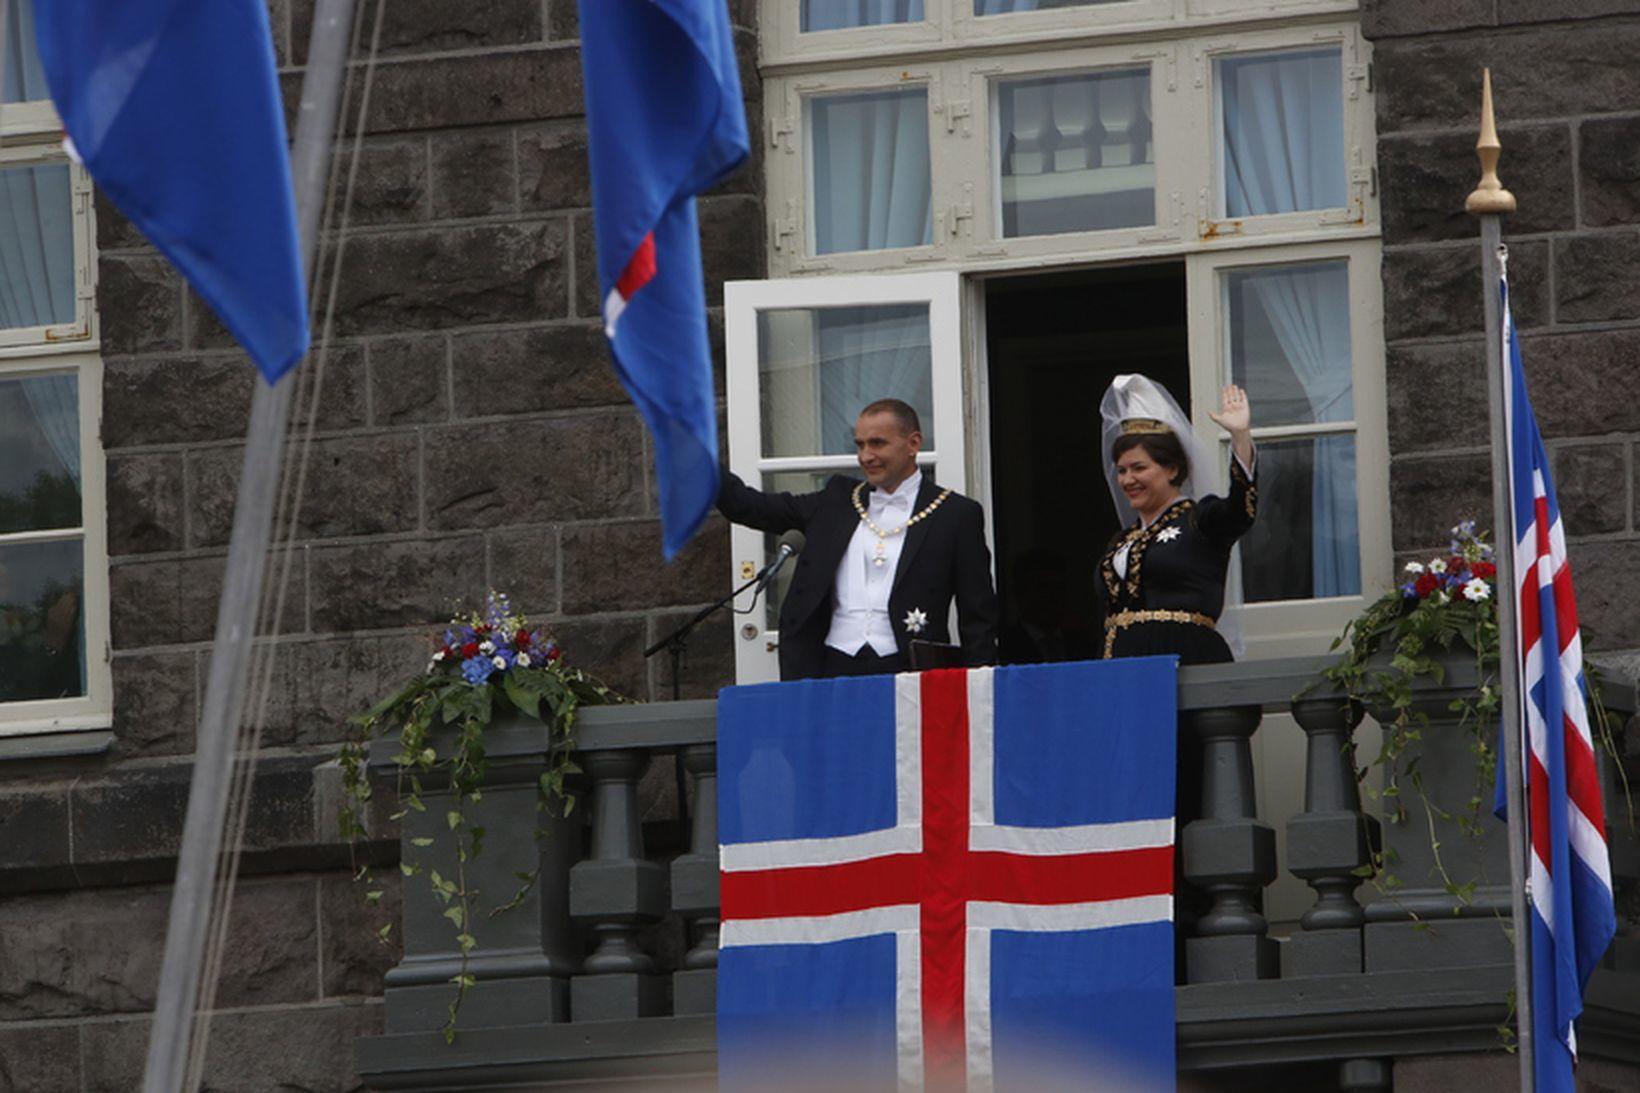 Svalir Alþingishússins eru aðeins nýttar við innsetningu forseta. Þær verða …